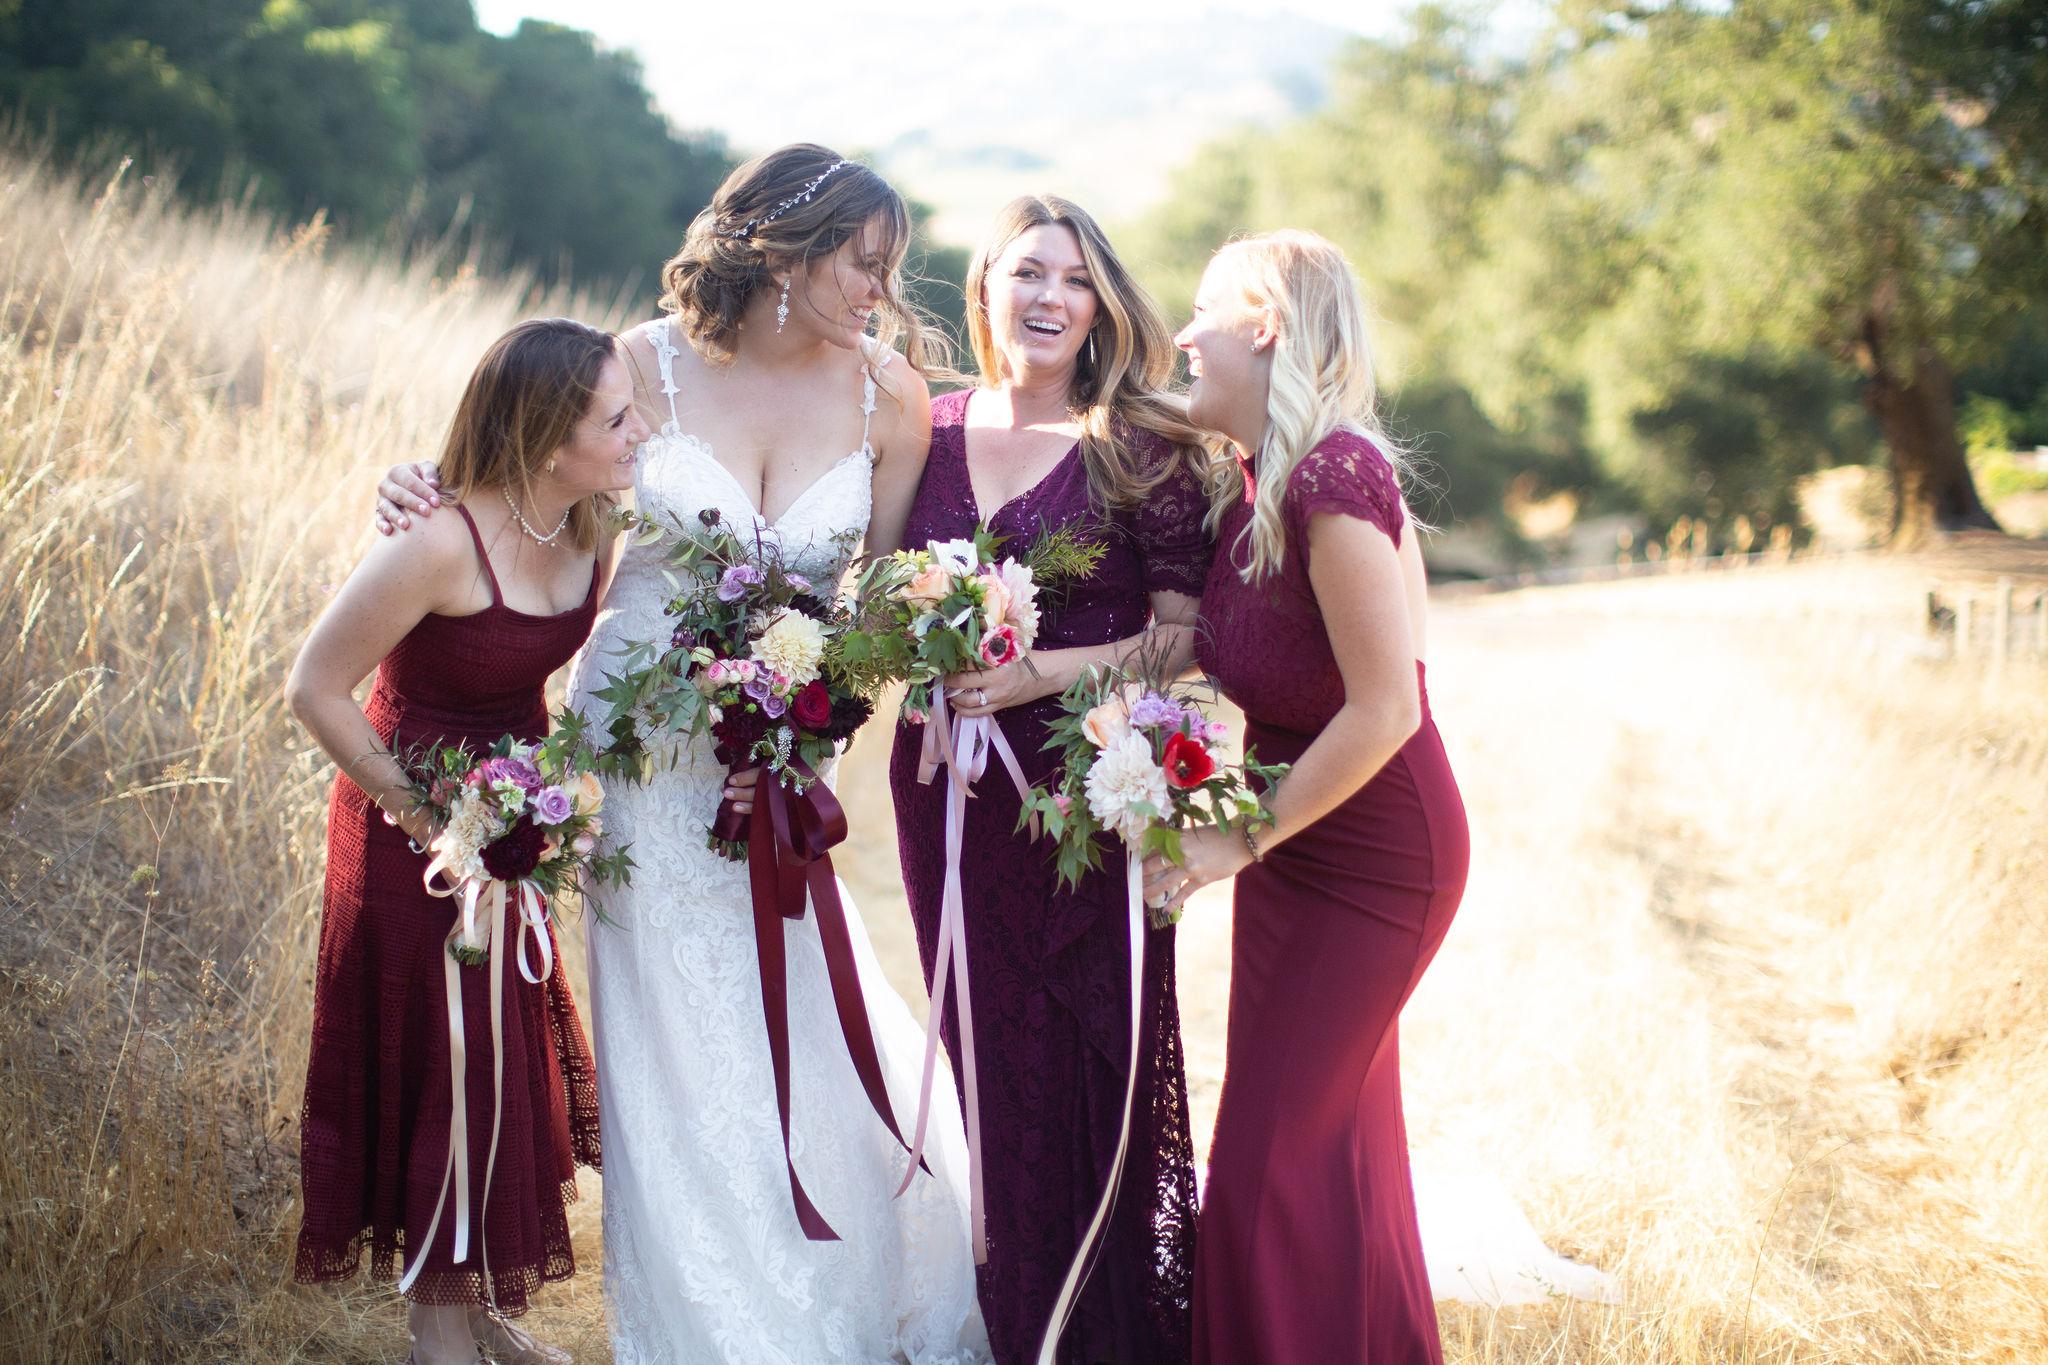 bridesmaids-wedding-photographer-bay-area-sf